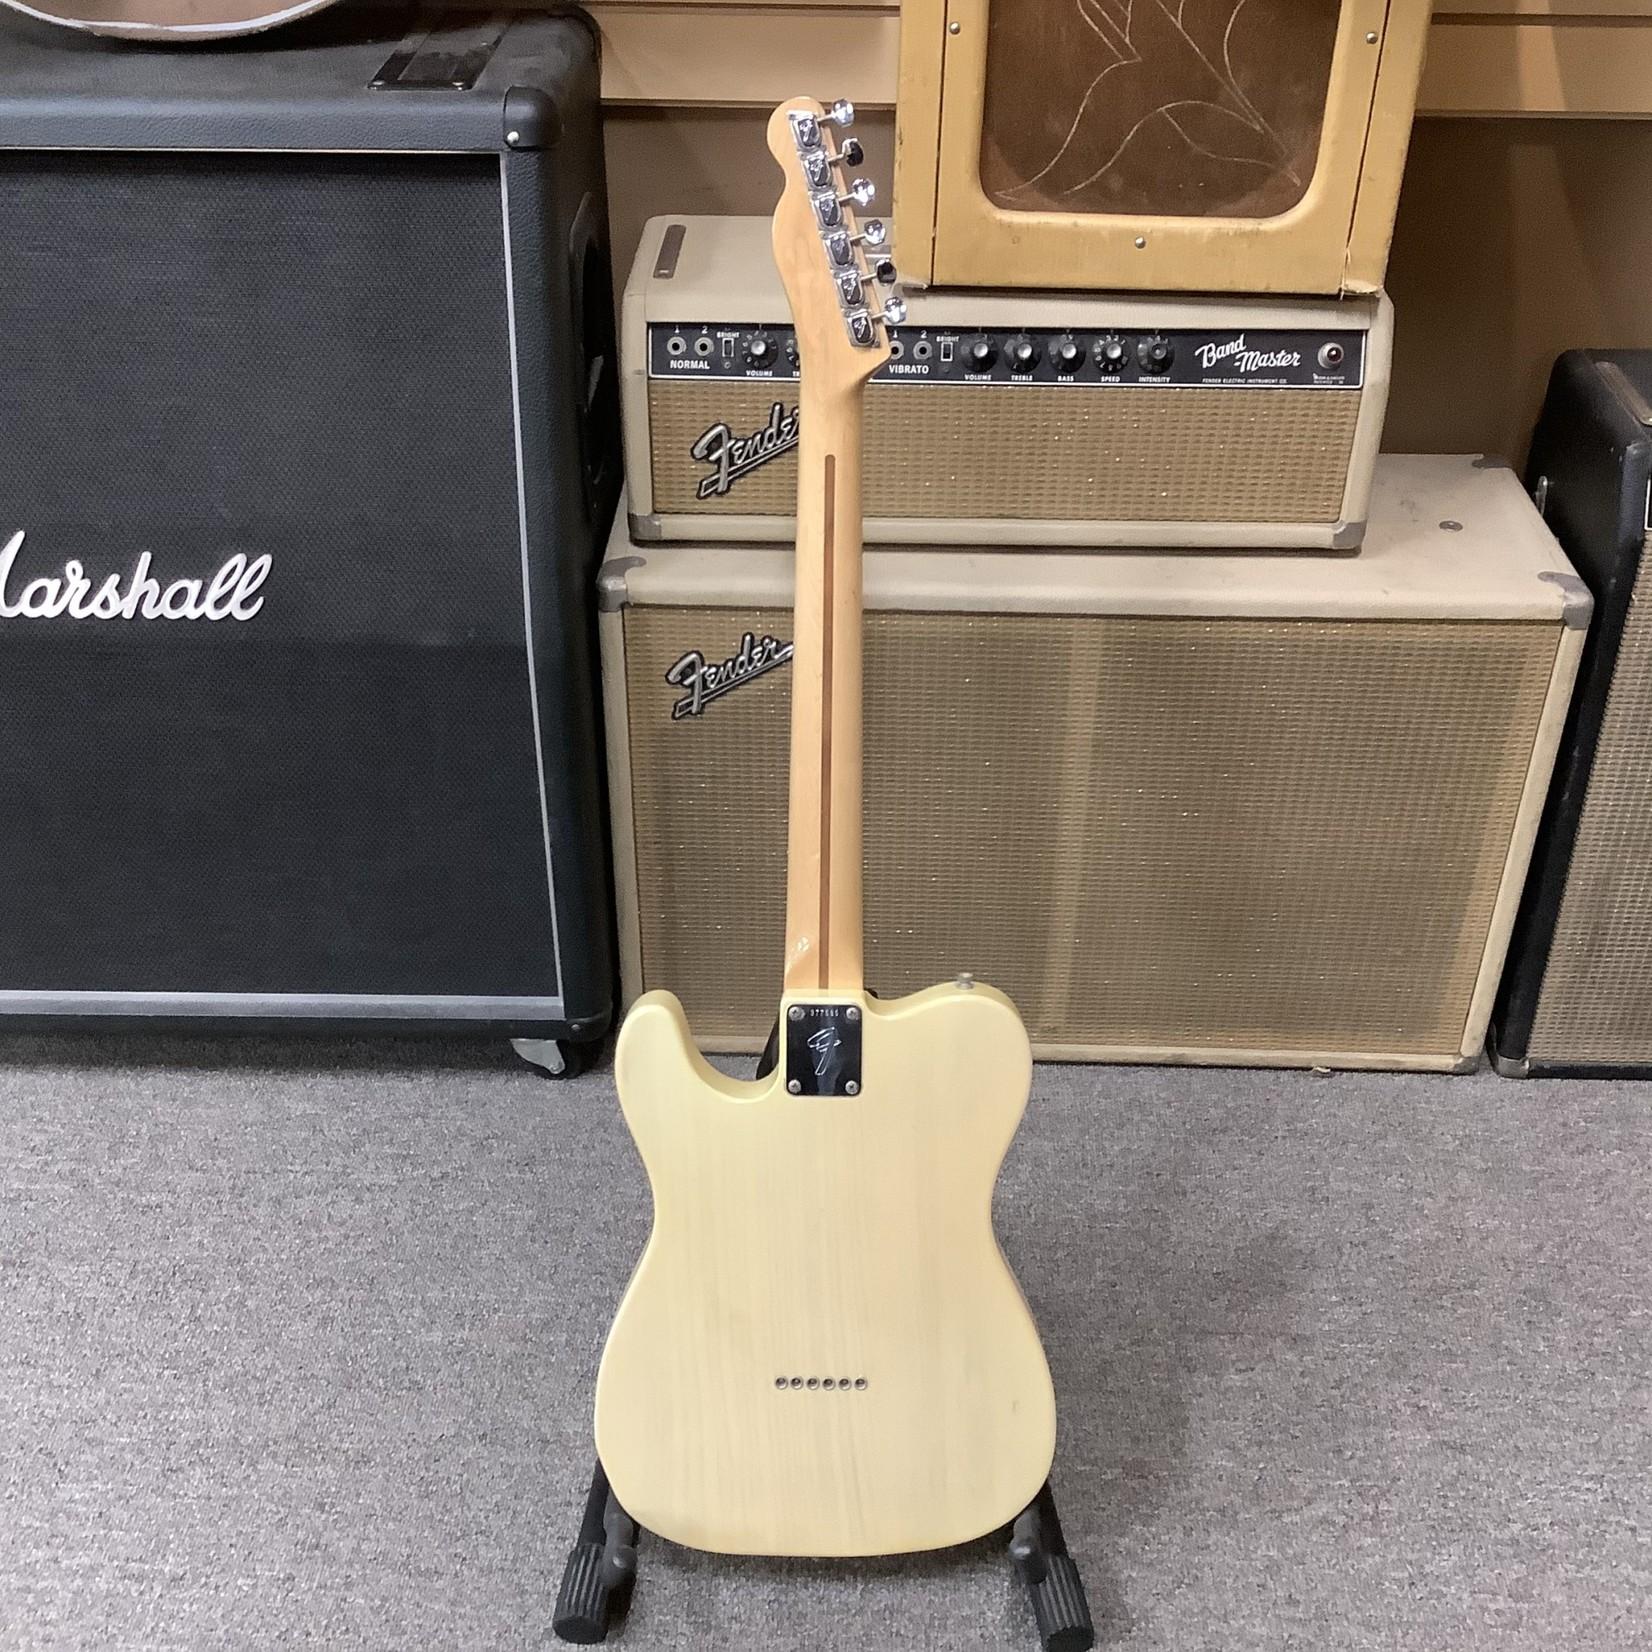 Fender 1973 Fender Telecaster Blonde Maple Neck White Pickguard